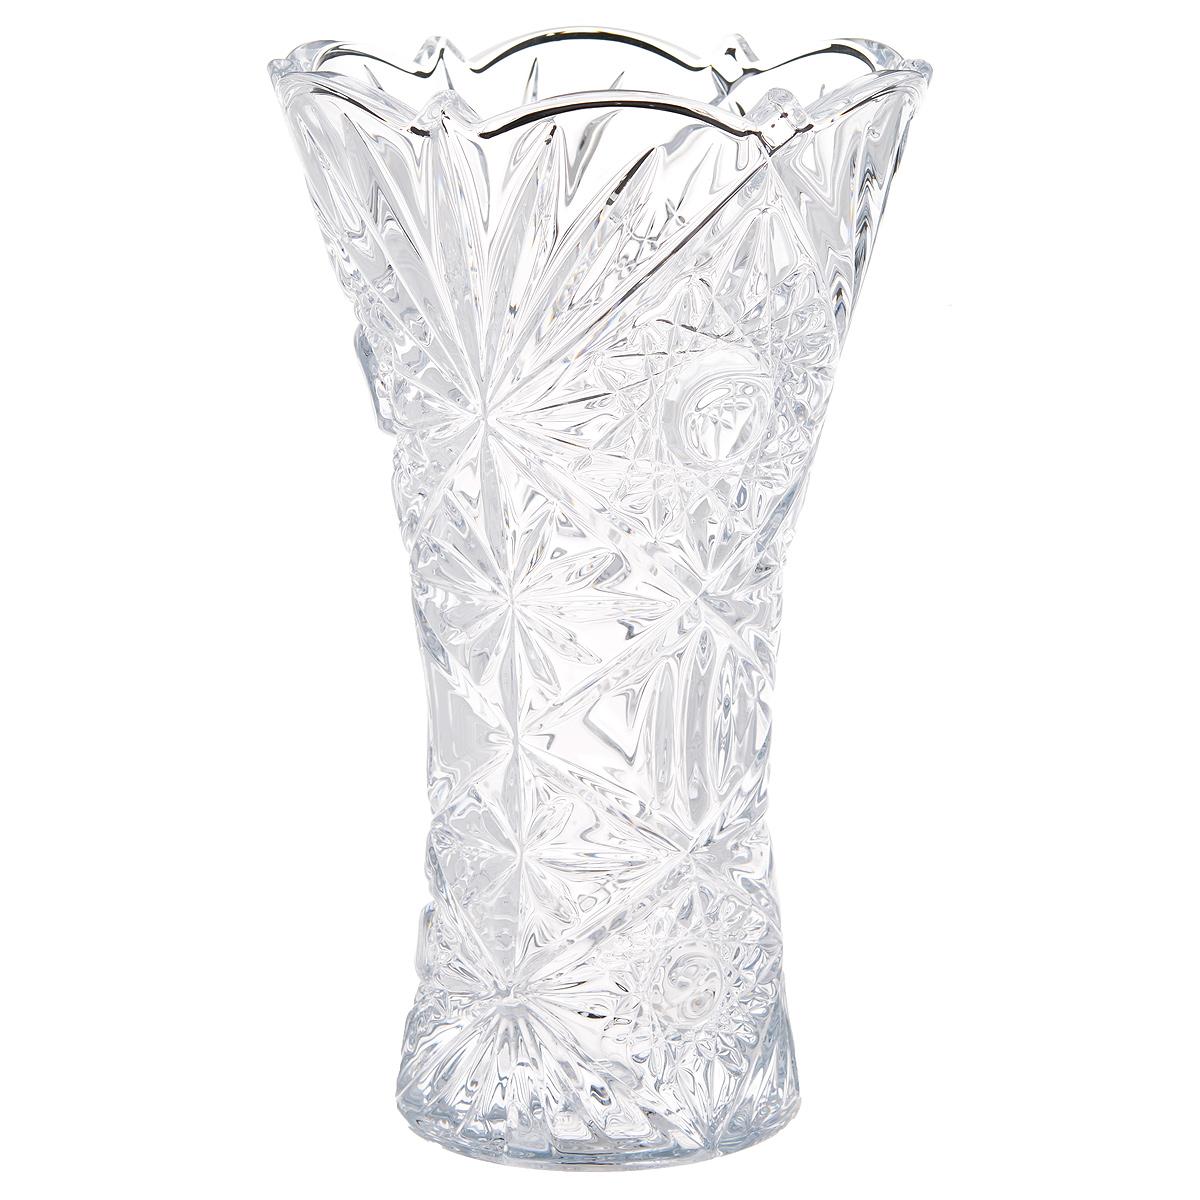 Ваза Crystalite Bohemia Тукана-Миранда, высота 20,5 смАС 04119/0270/АА-U0108Изящная ваза Crystalite Bohemia Тукана-Миранда изготовлена из прочного утолщенного стекла кристалайт. Она красиво переливается и излучает приятный блеск. Ваза оснащена оригинальным рельефным орнаментом и неровными краями, что делает ее изящным украшением интерьера. Ваза Crystalite Bohemia Тукана-Миранда дополнит интерьер офиса или дома и станет желанным и стильным подарком.